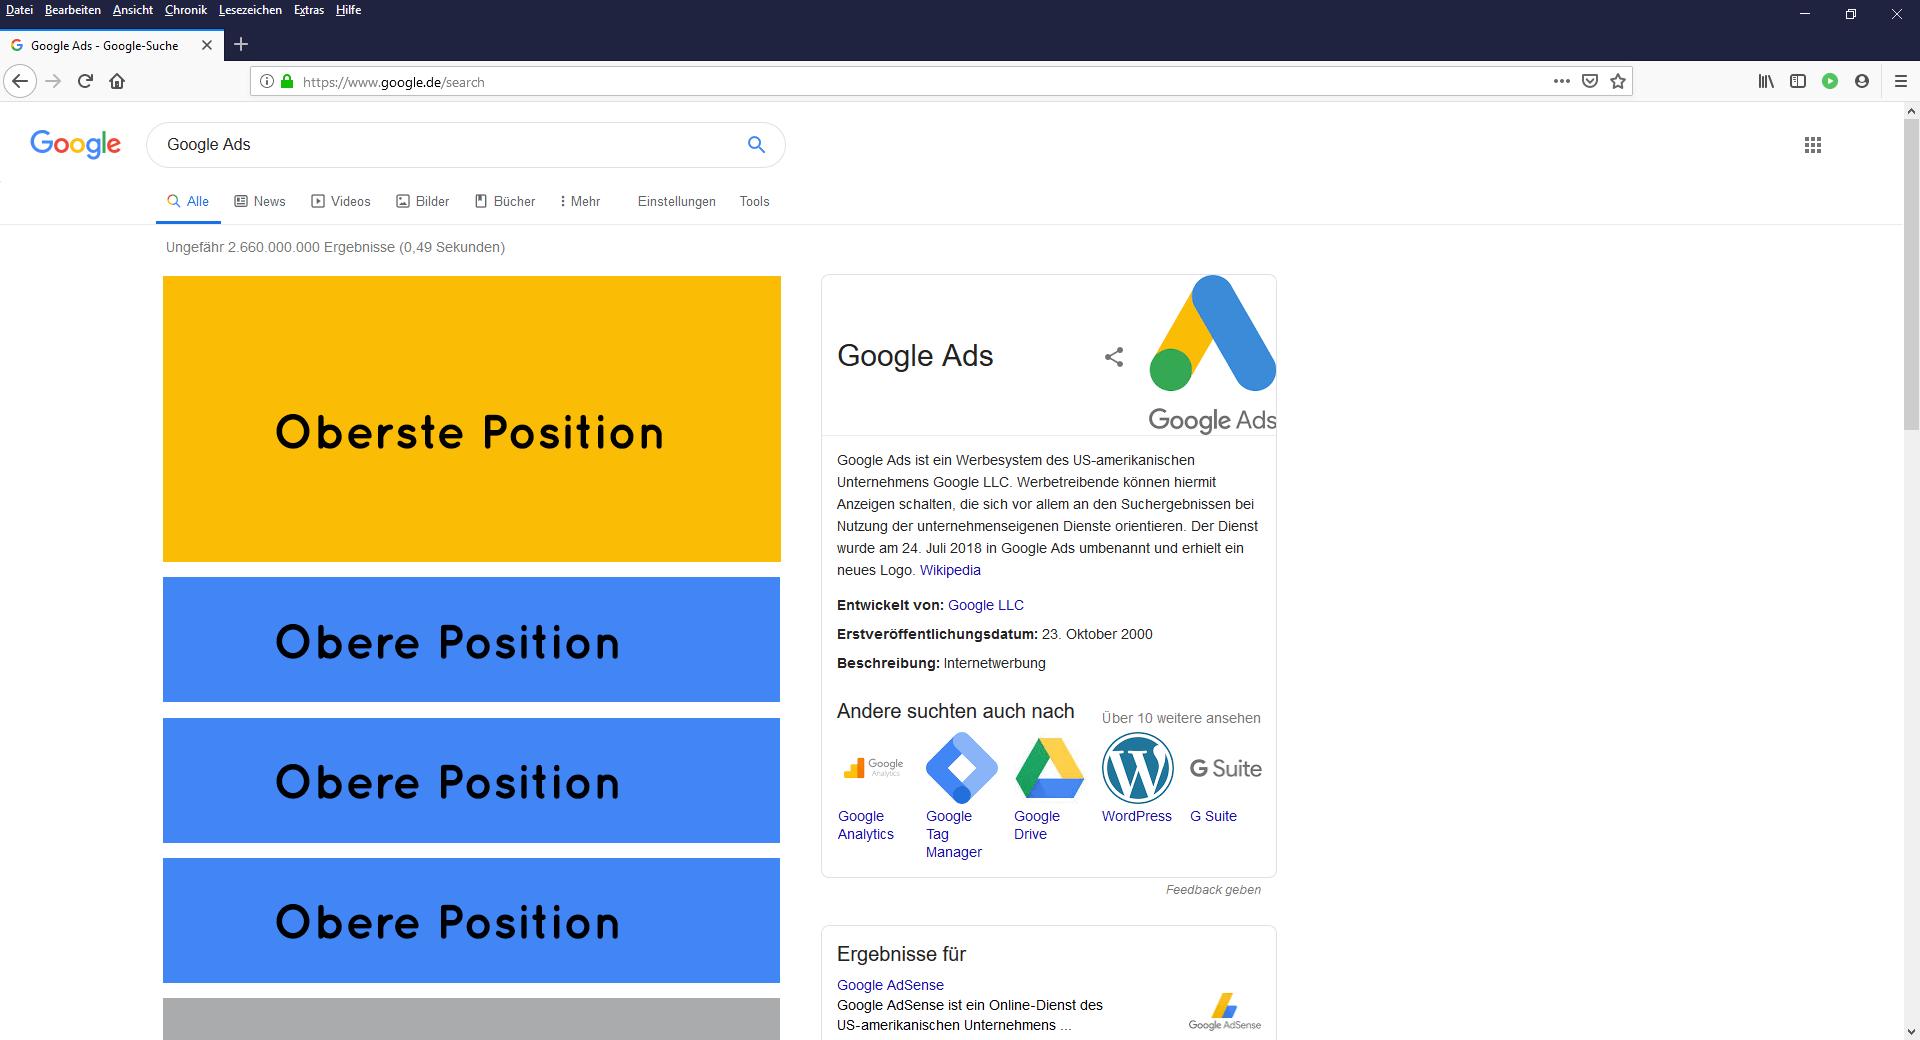 Google Ads oberer und oberster Position